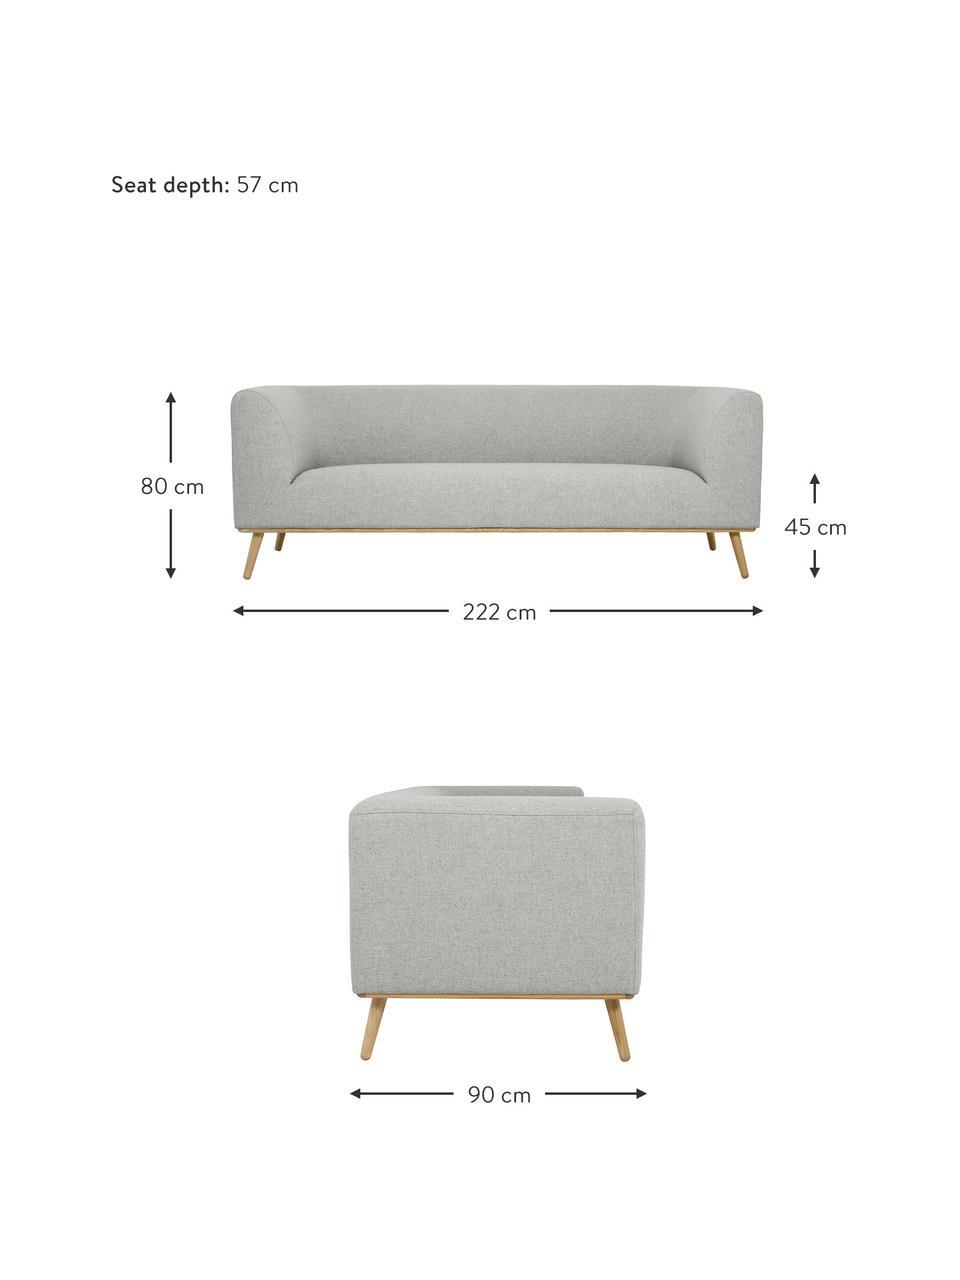 Sofa Archie (3-Sitzer) in Hellgrau mit Eichenholz-Füßen, Bezug: 100% Wolle 30.000 Scheuer, Gestell: Kiefernholz, Füße: Massives Eichenholz, geöl, Webstoff Hellgrau, B 222 x T 90 cm